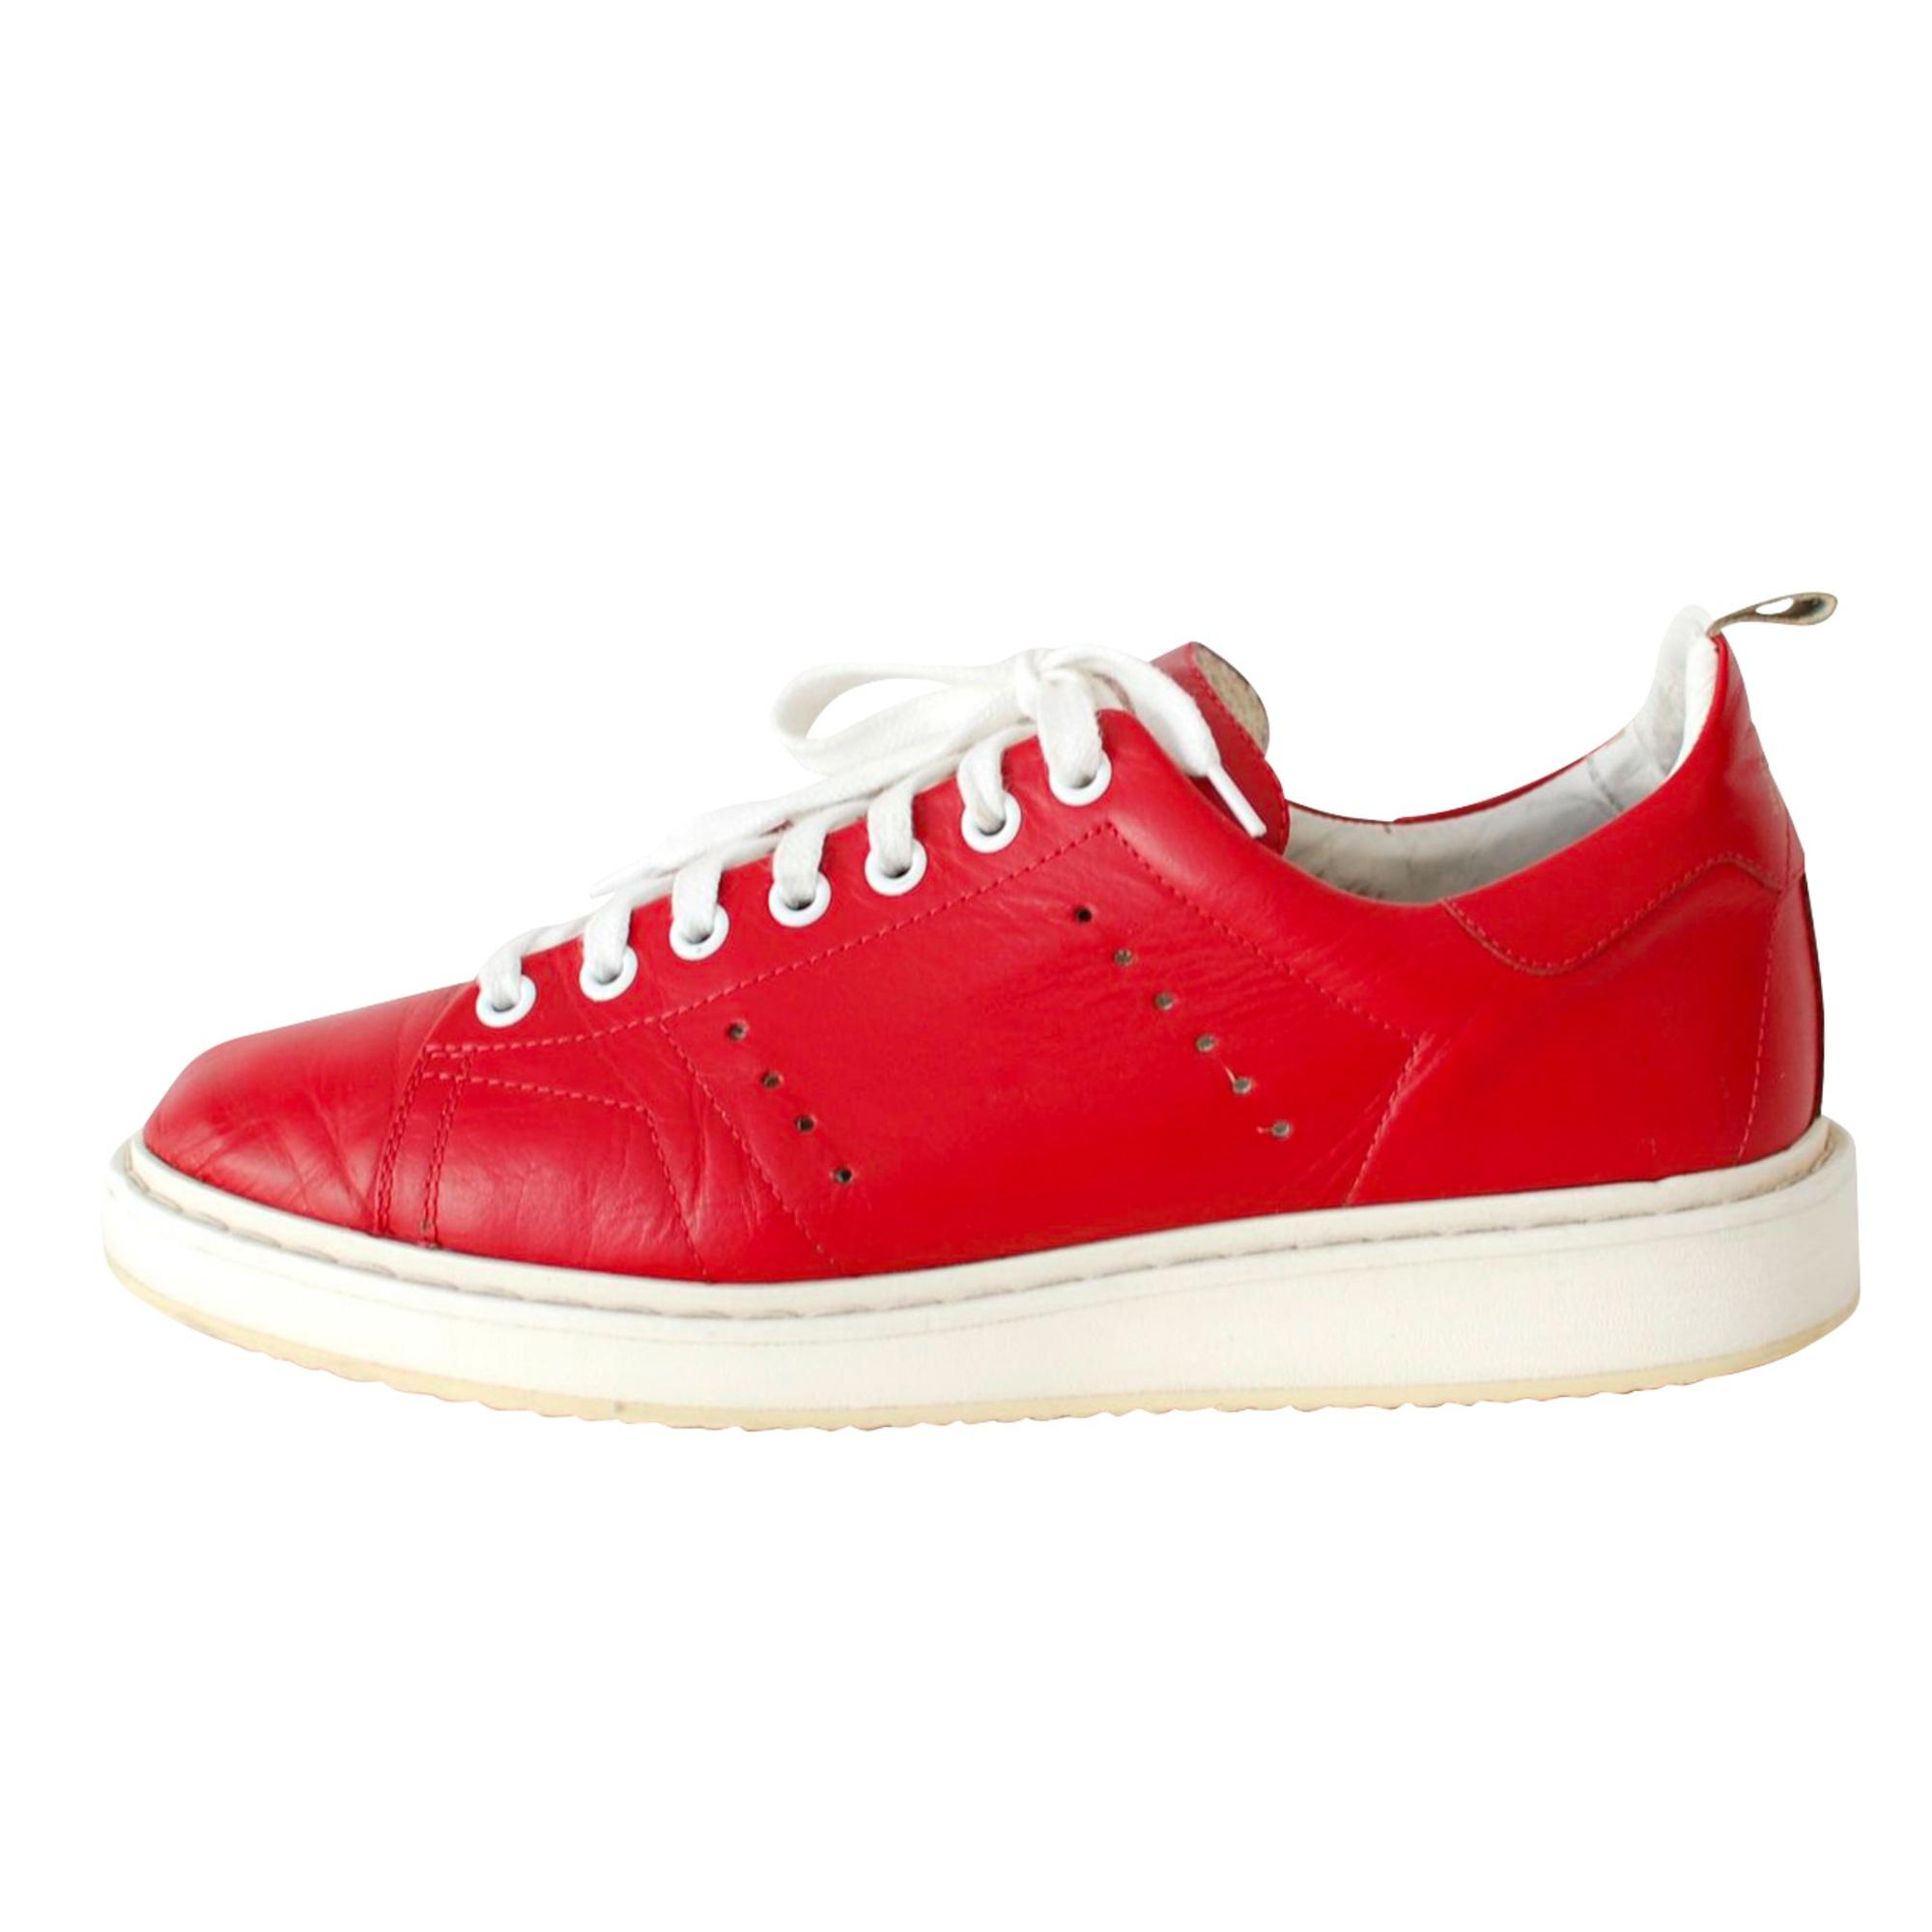 Chaussures de sport GOLDEN GOOSE Rose, fuschia, vieux rose